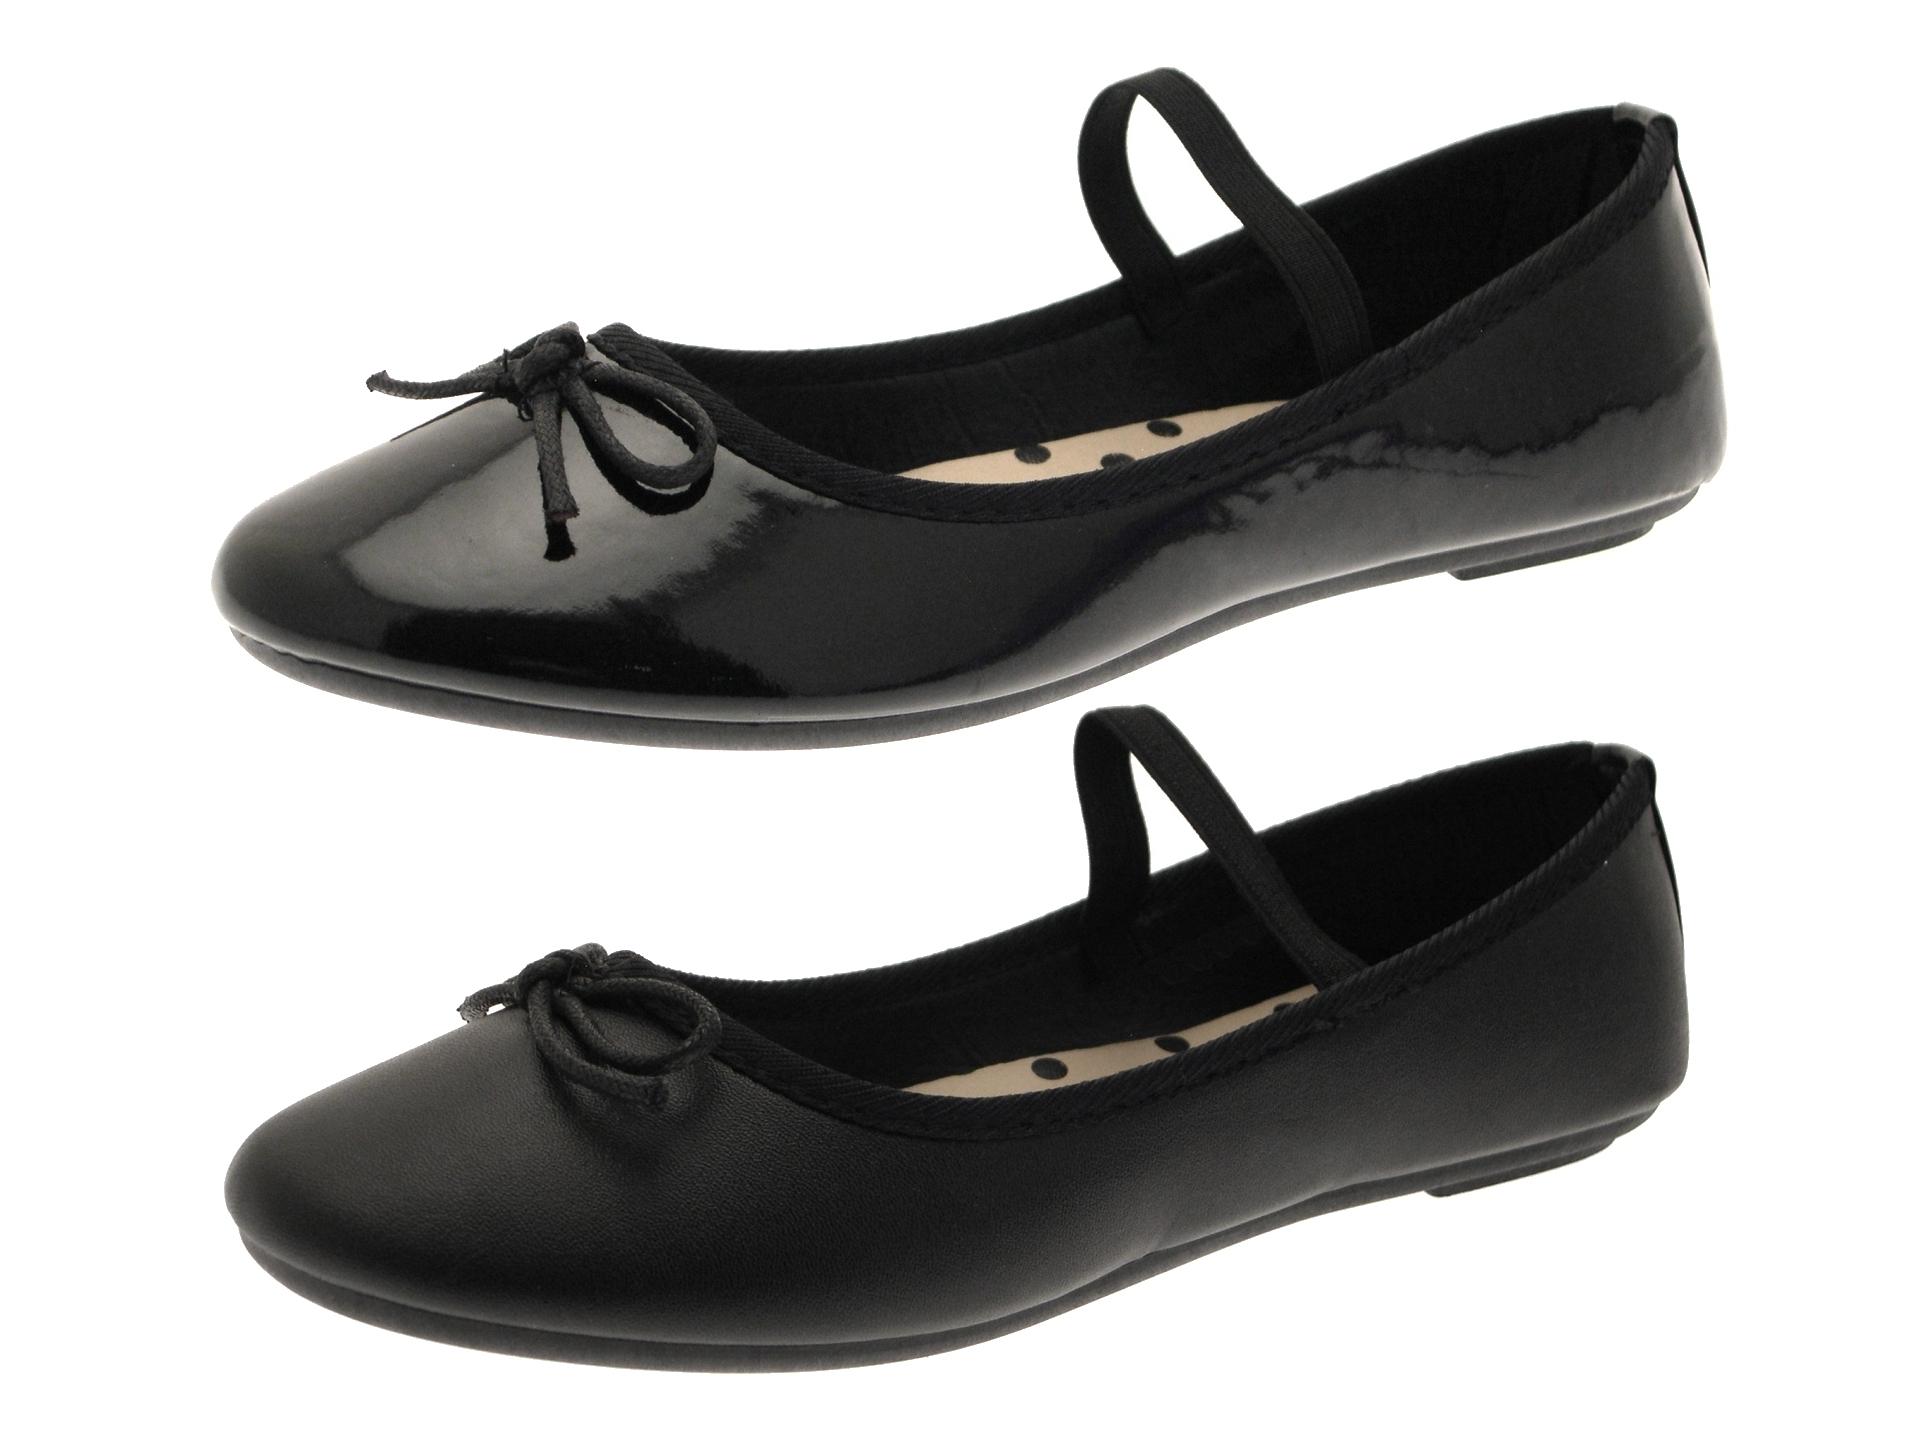 c1723177e35 Womens Girls Flat Black Ballet Pumps Slip On Ballerinas Dolly Work ...